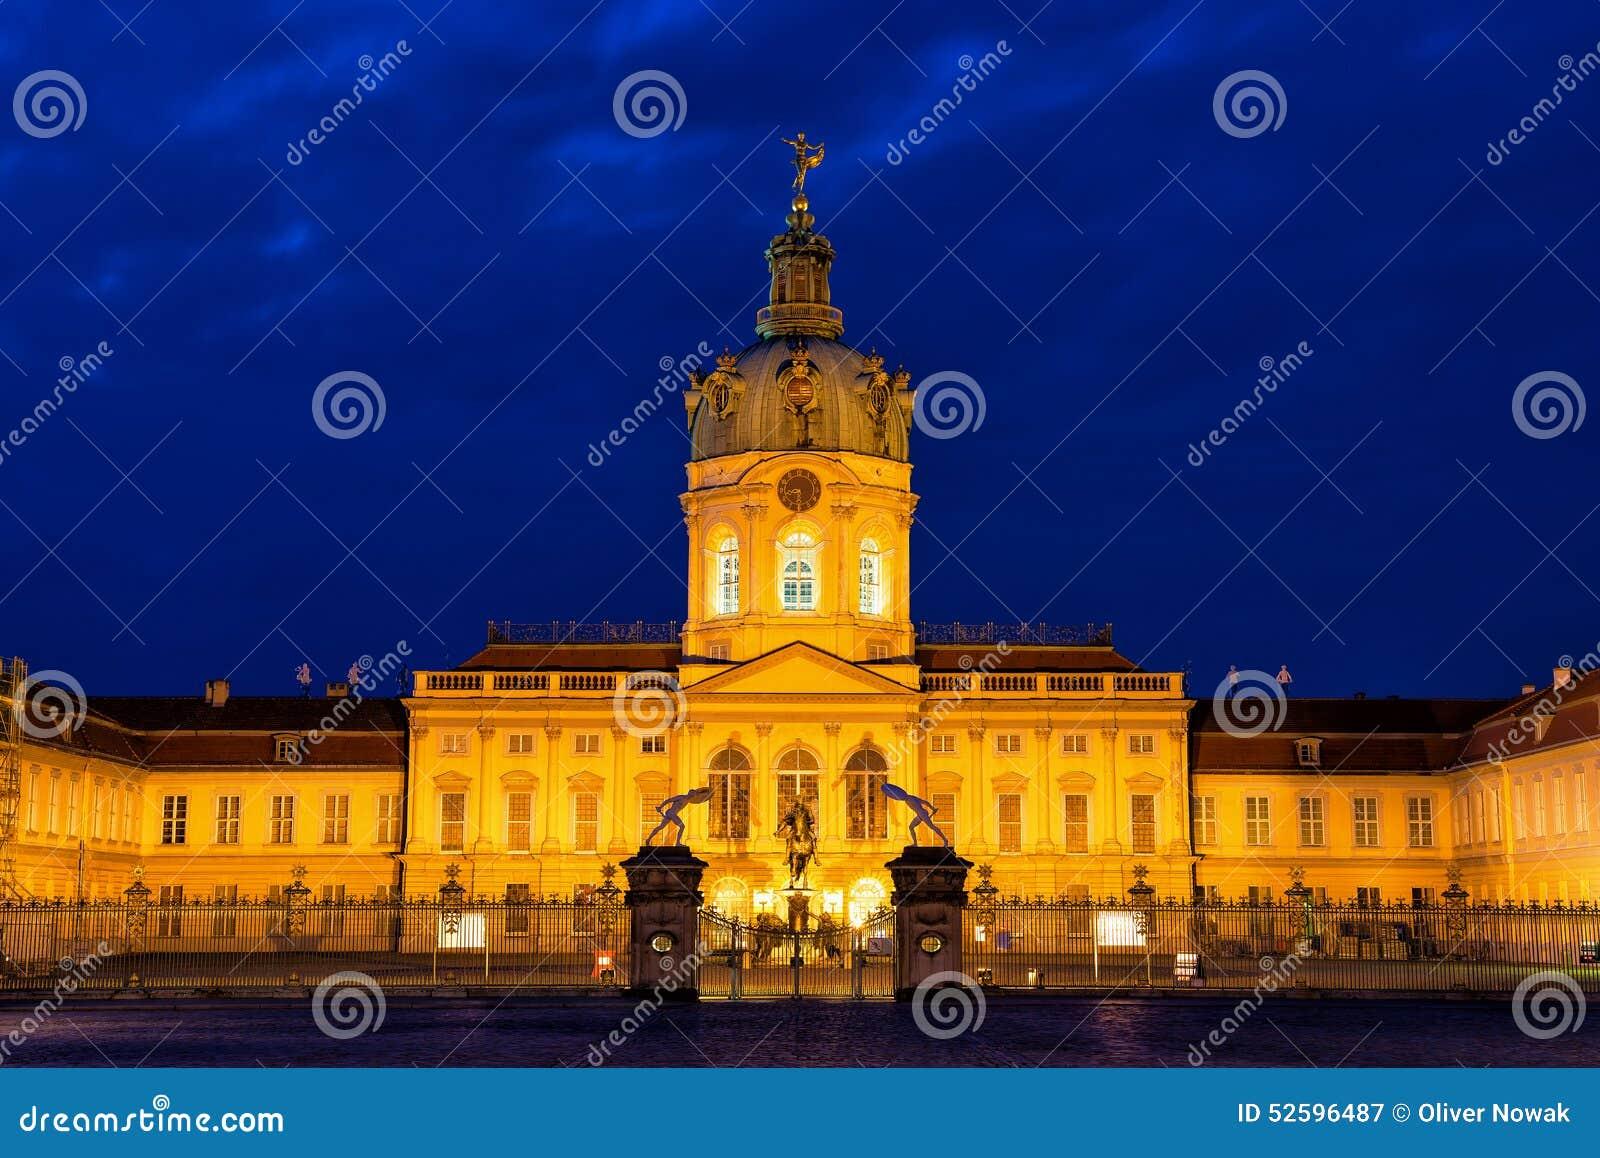 Παλάτι του Σαρλότεμπουργκ